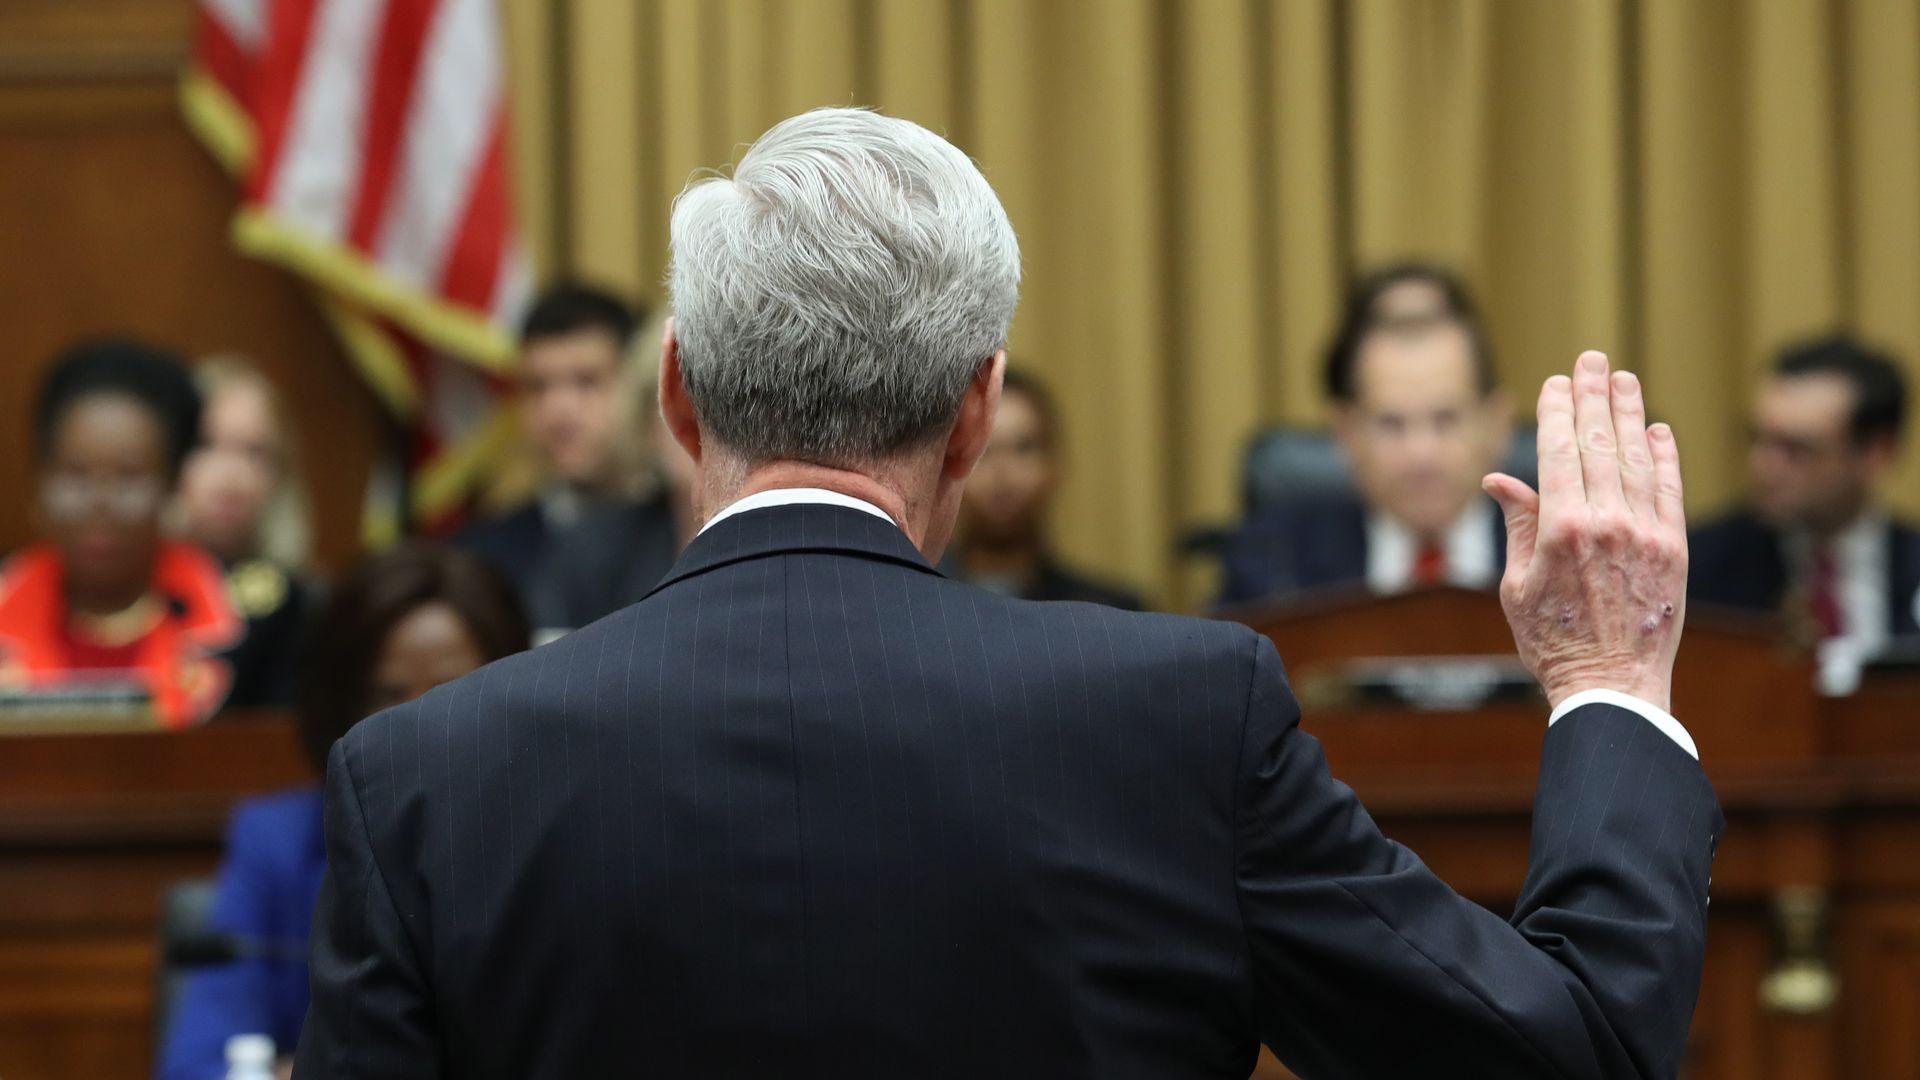 Robert Mueller being sworn in